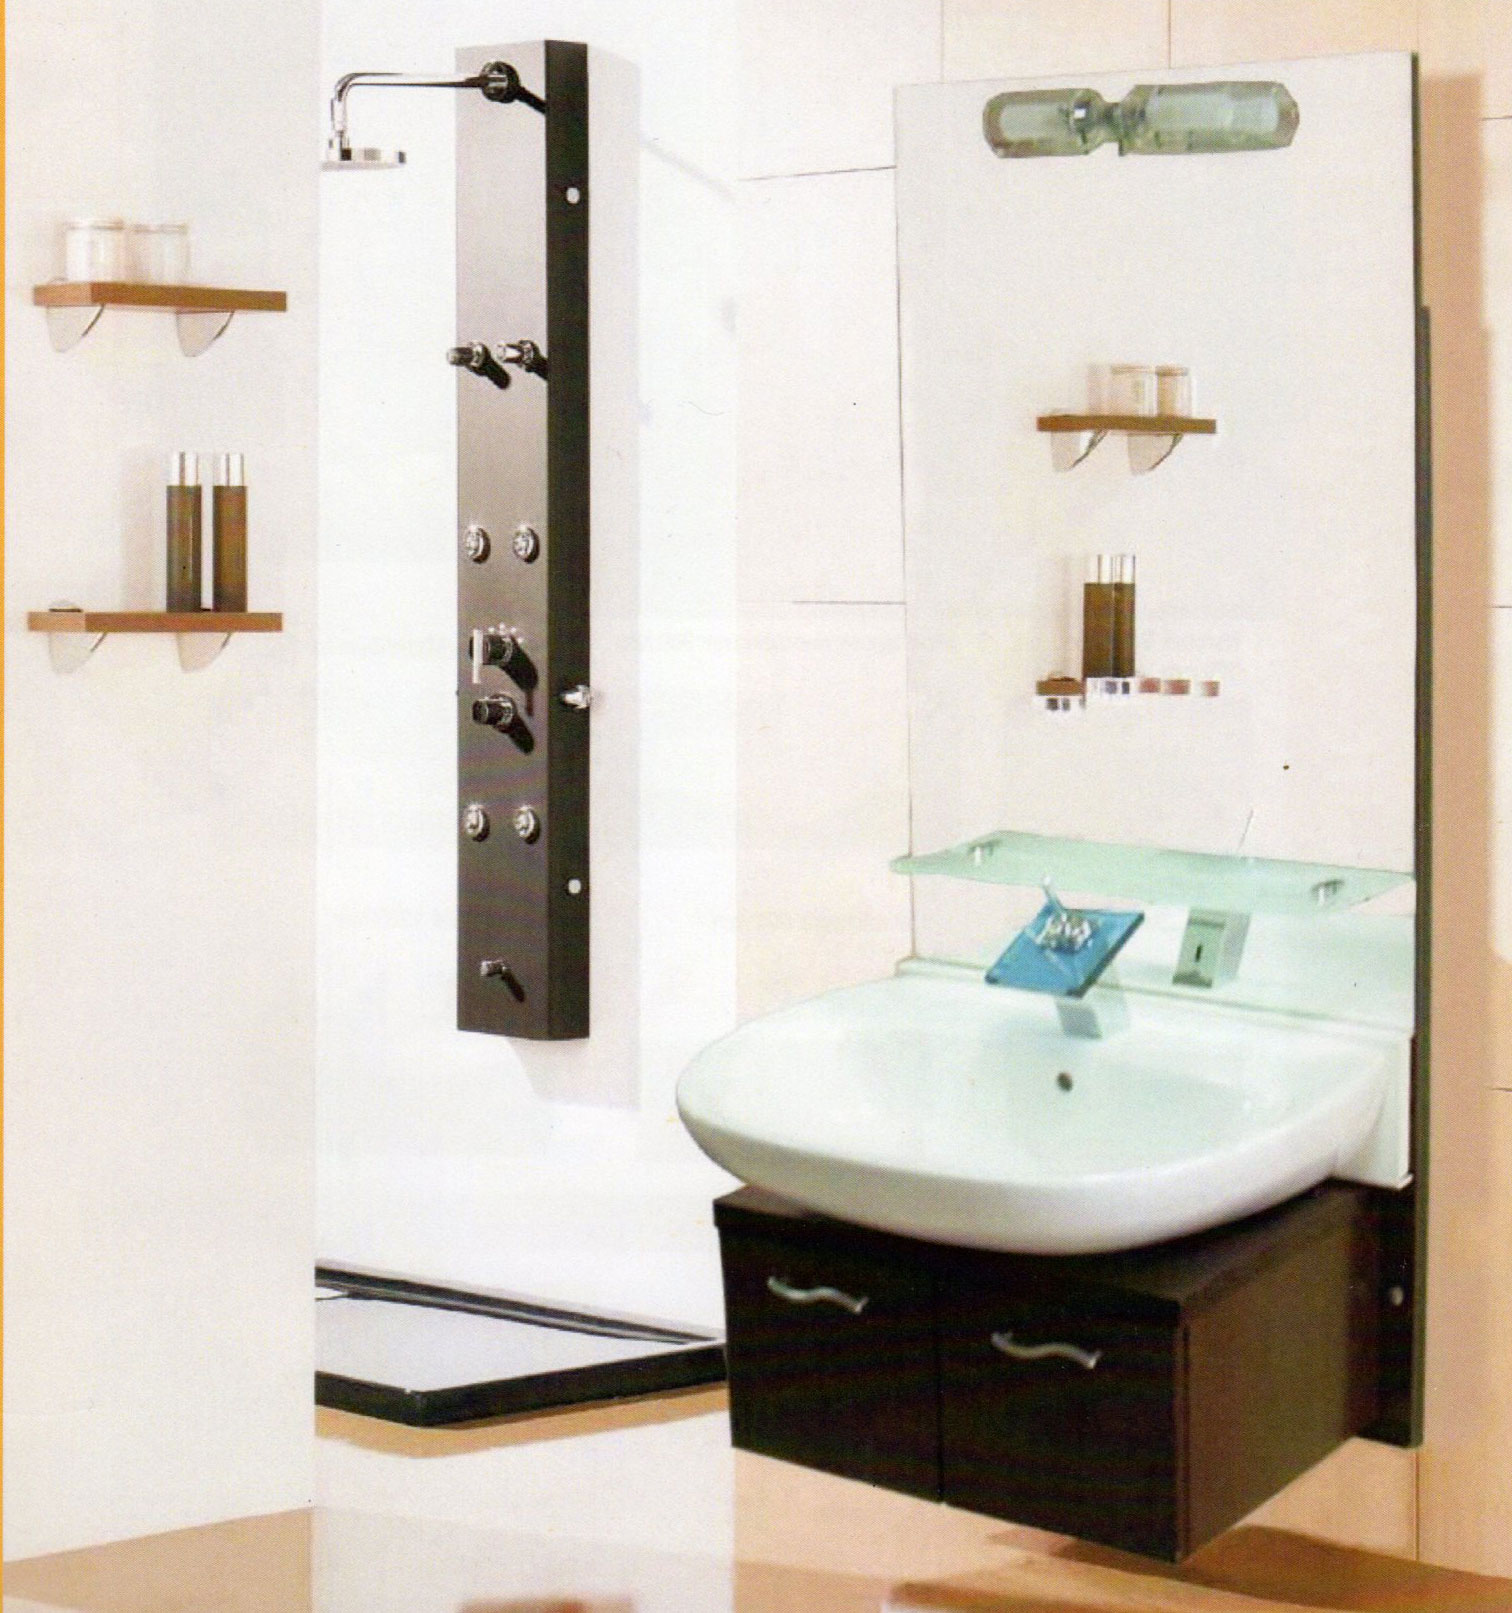 Lift Waschtisch Unterputz - Integration im Bad